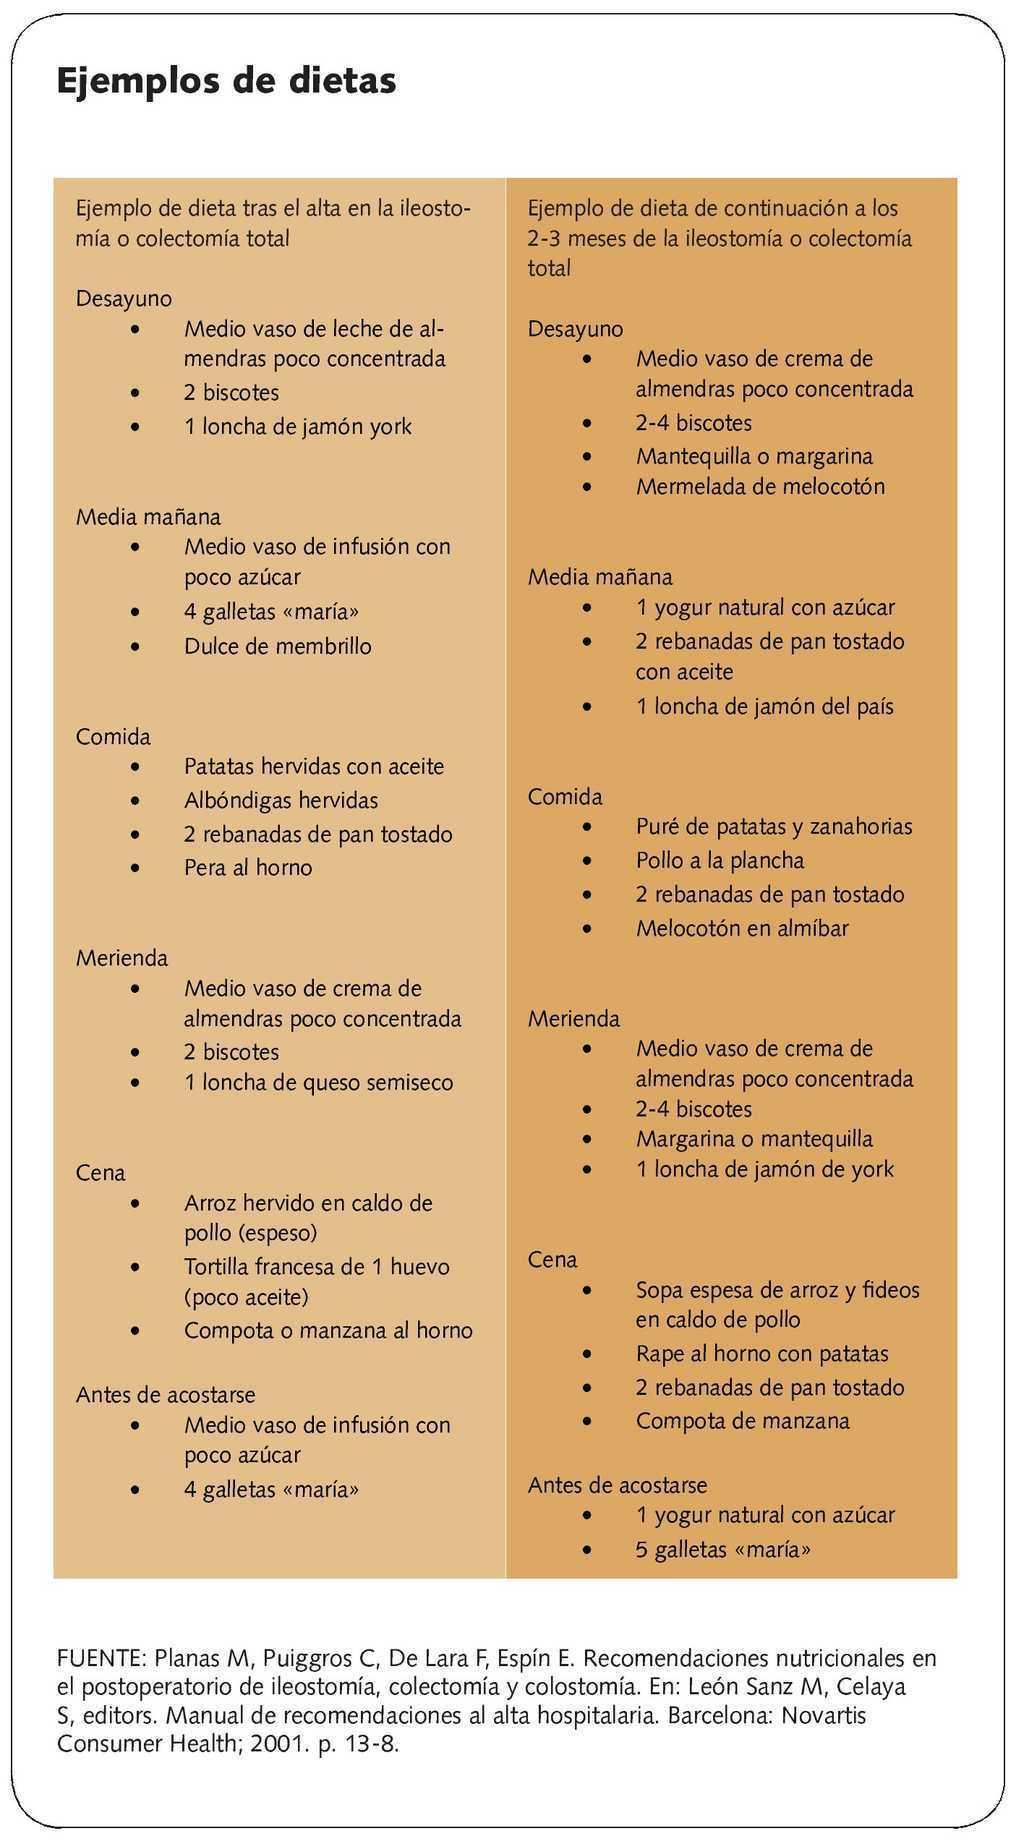 Colectomía. Secuelas nutricionales | Farmacia Profesional